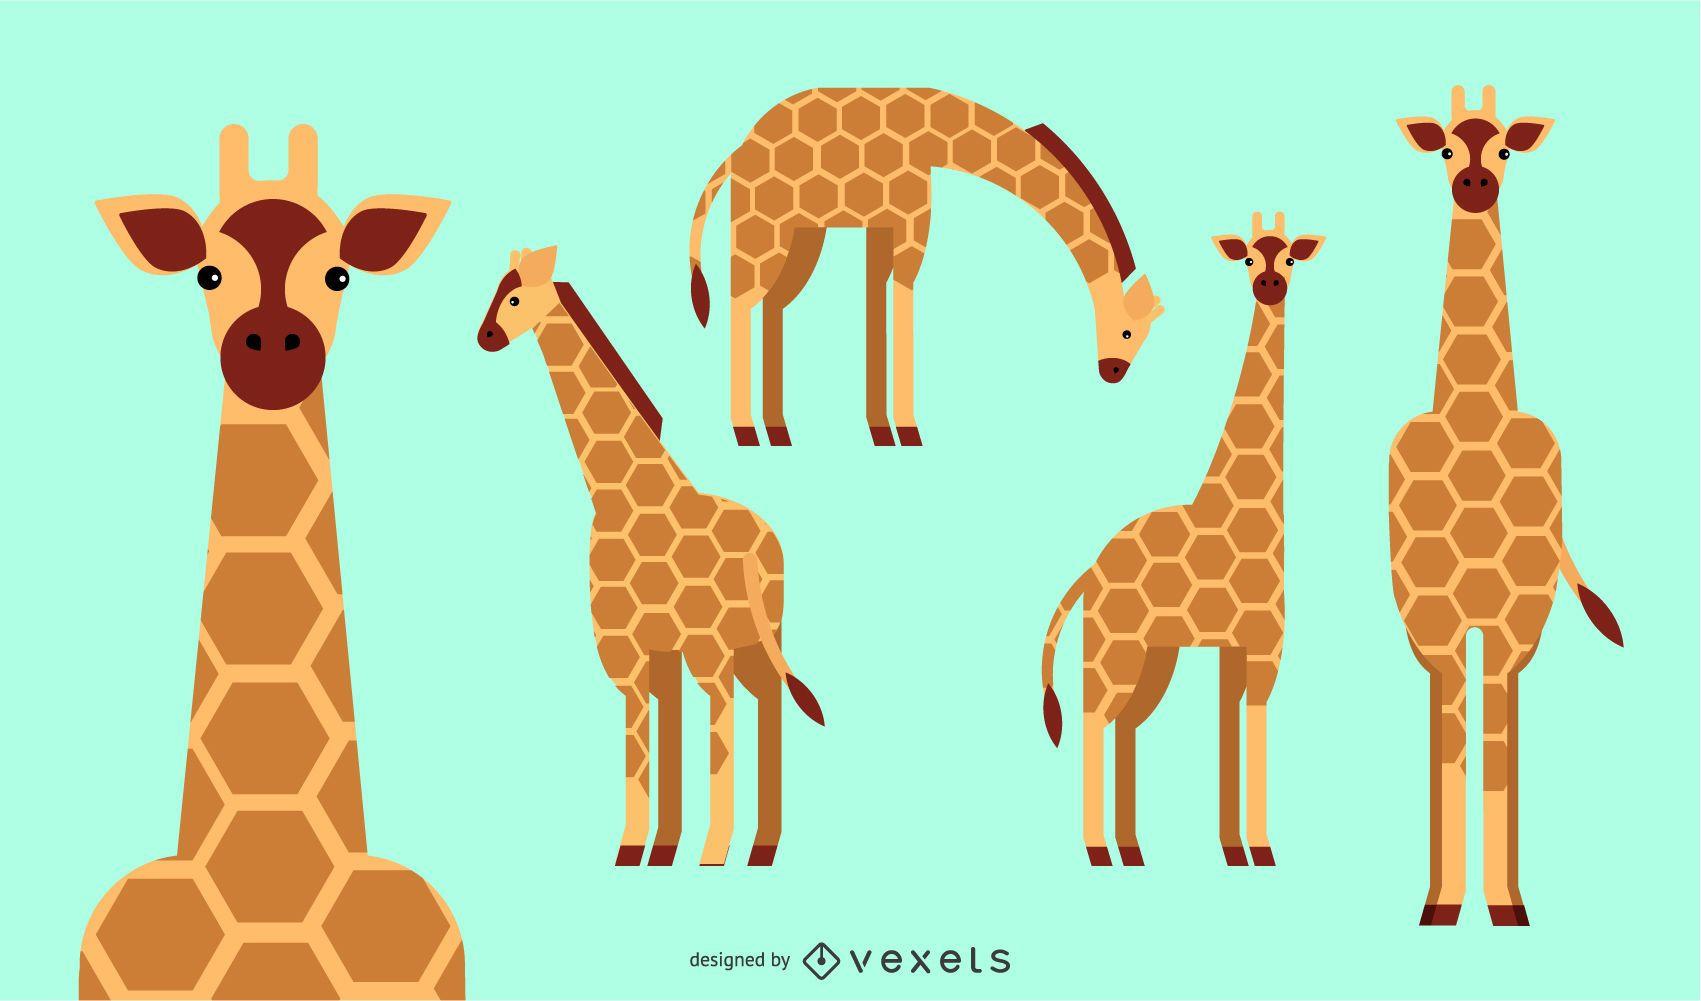 Desenho geométrico plano arredondado de girafa